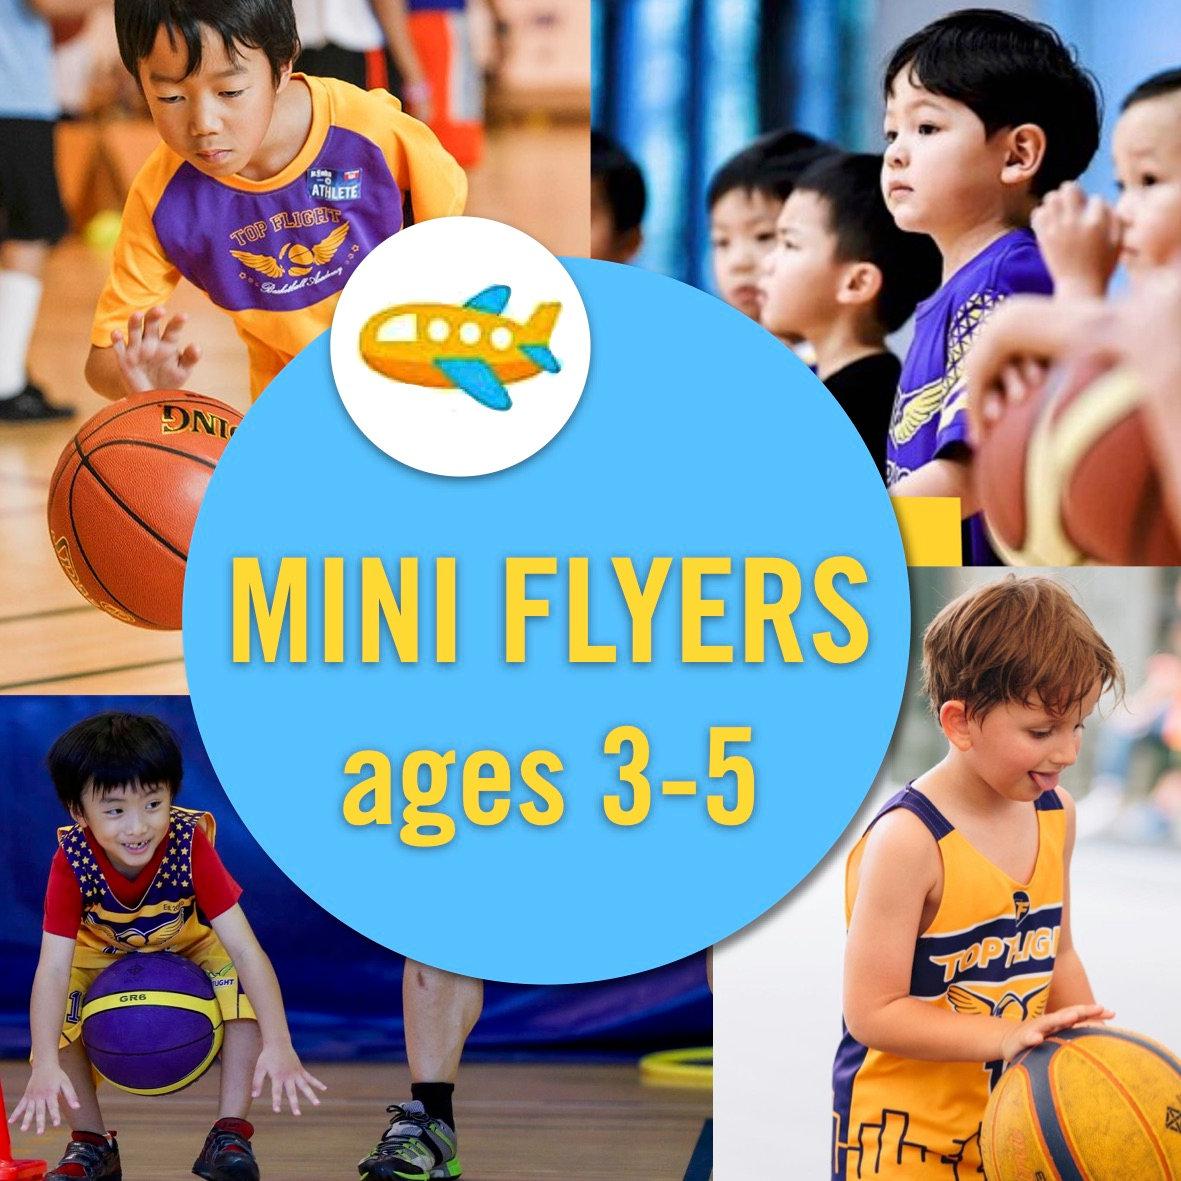 Mini Flyers ages 3-5/10:30-12:00/SISB PU